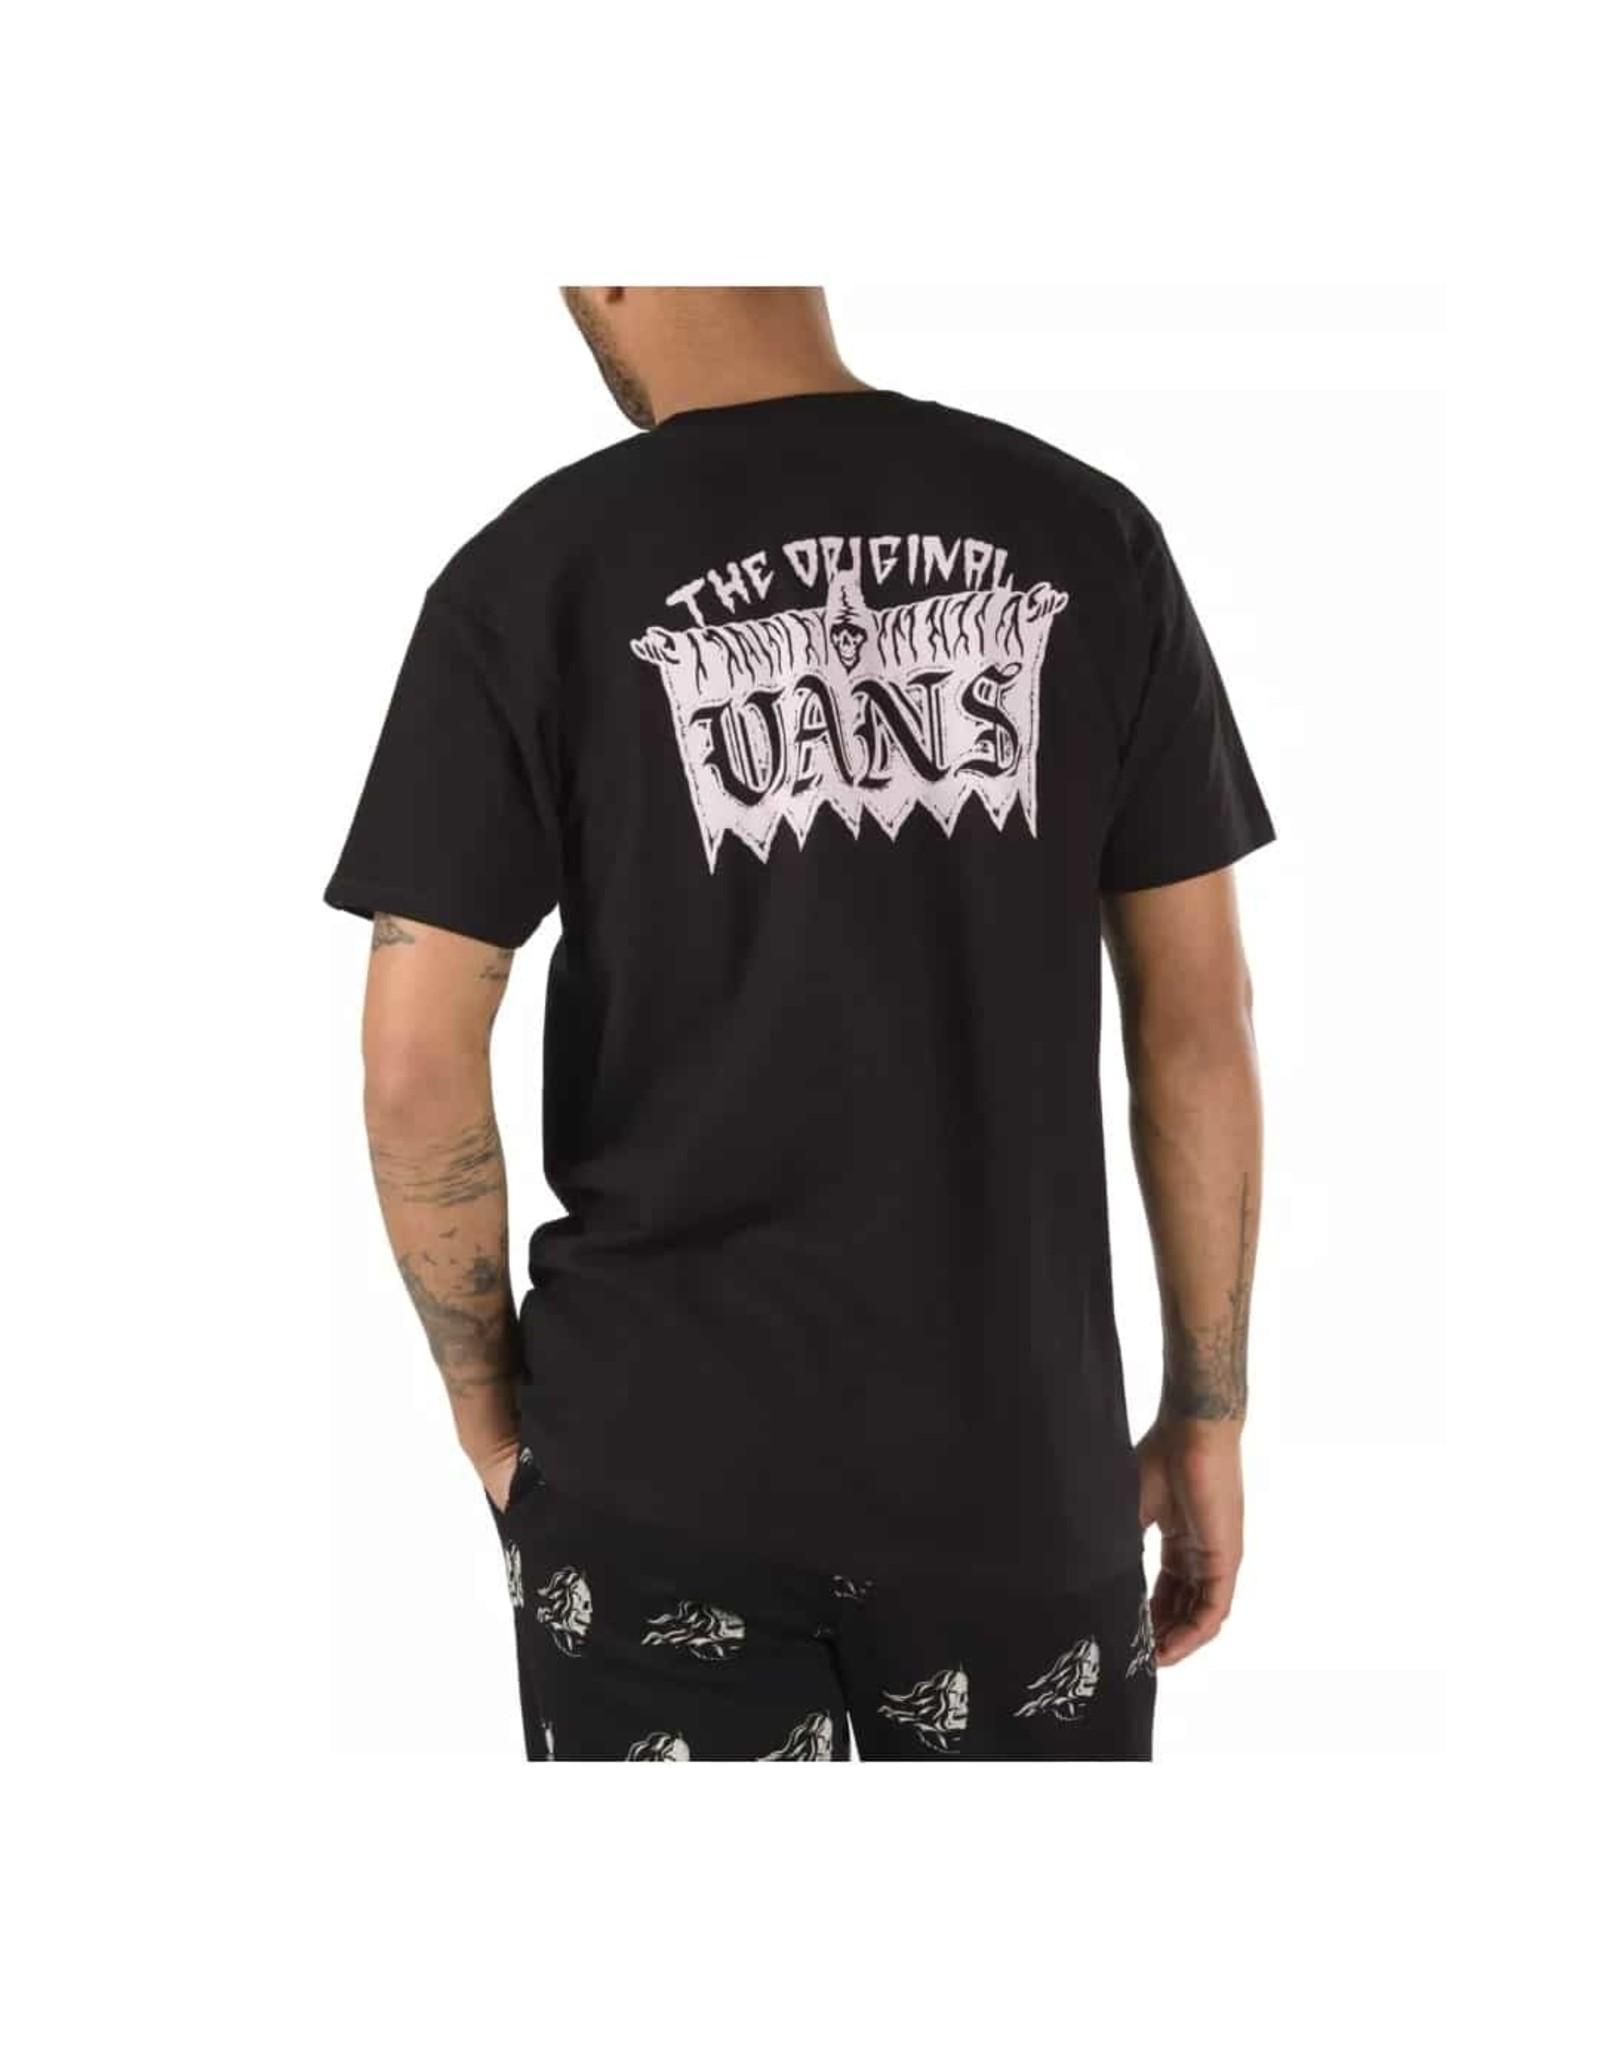 Vans Men's Welcome Committee - Black LRG